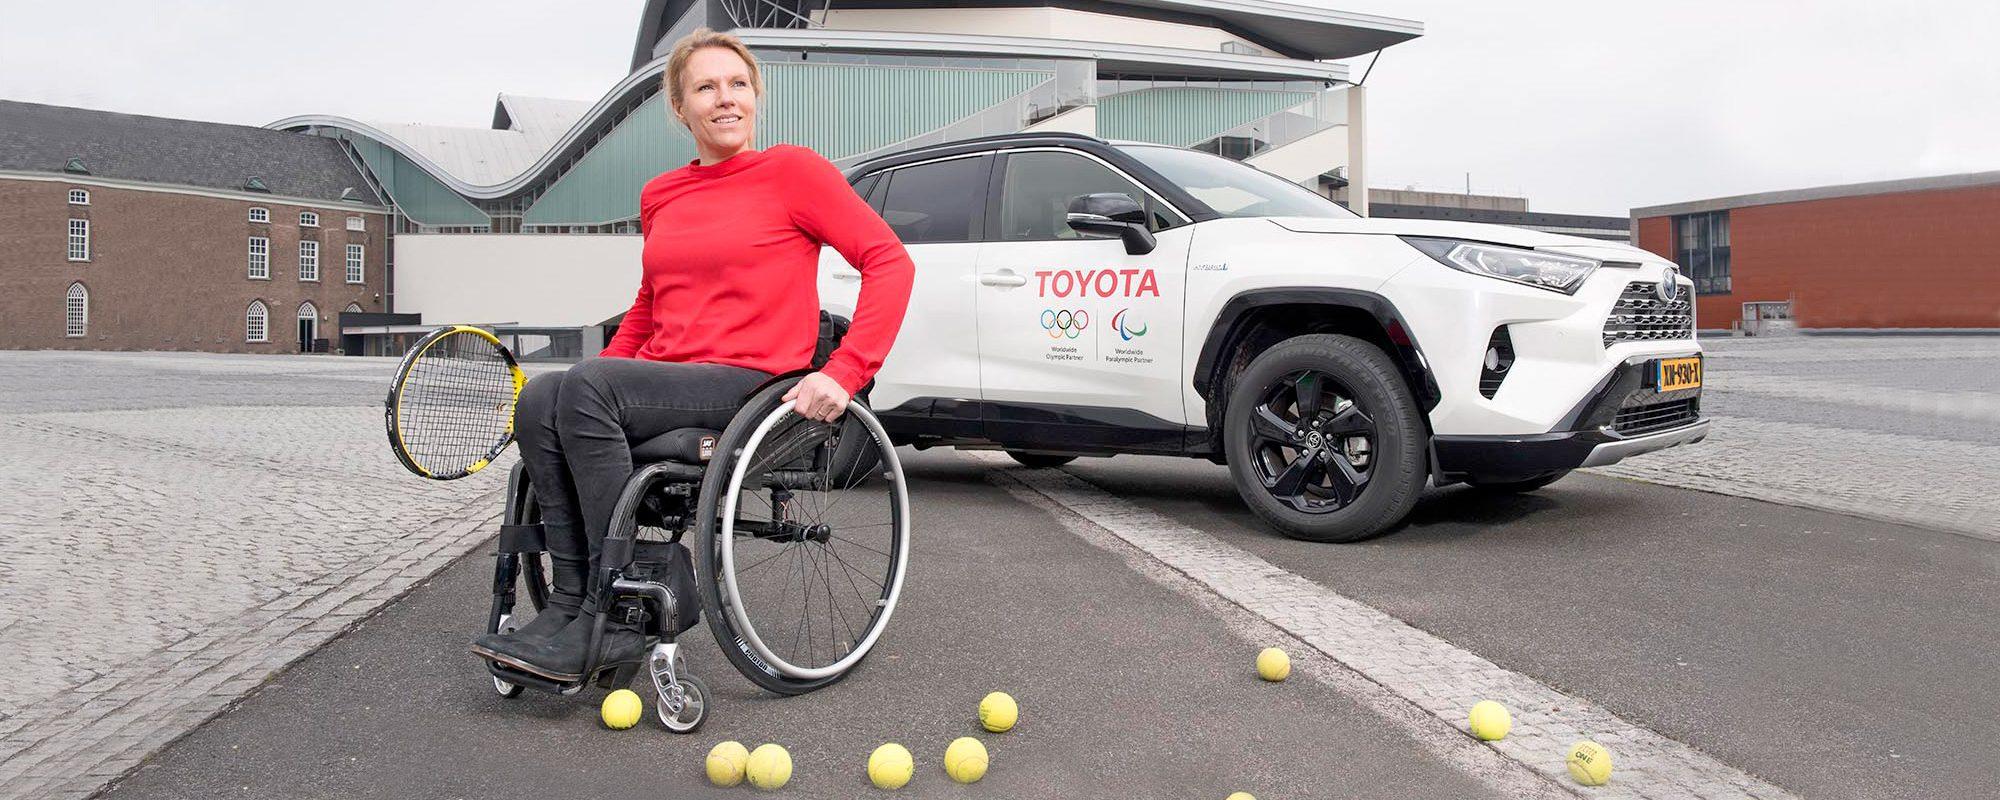 """Toyota ambassadeur Esther Vergeer: """"Gelijkwaardigheid doorvoeren tot elk haarvat van de sportwereld"""""""